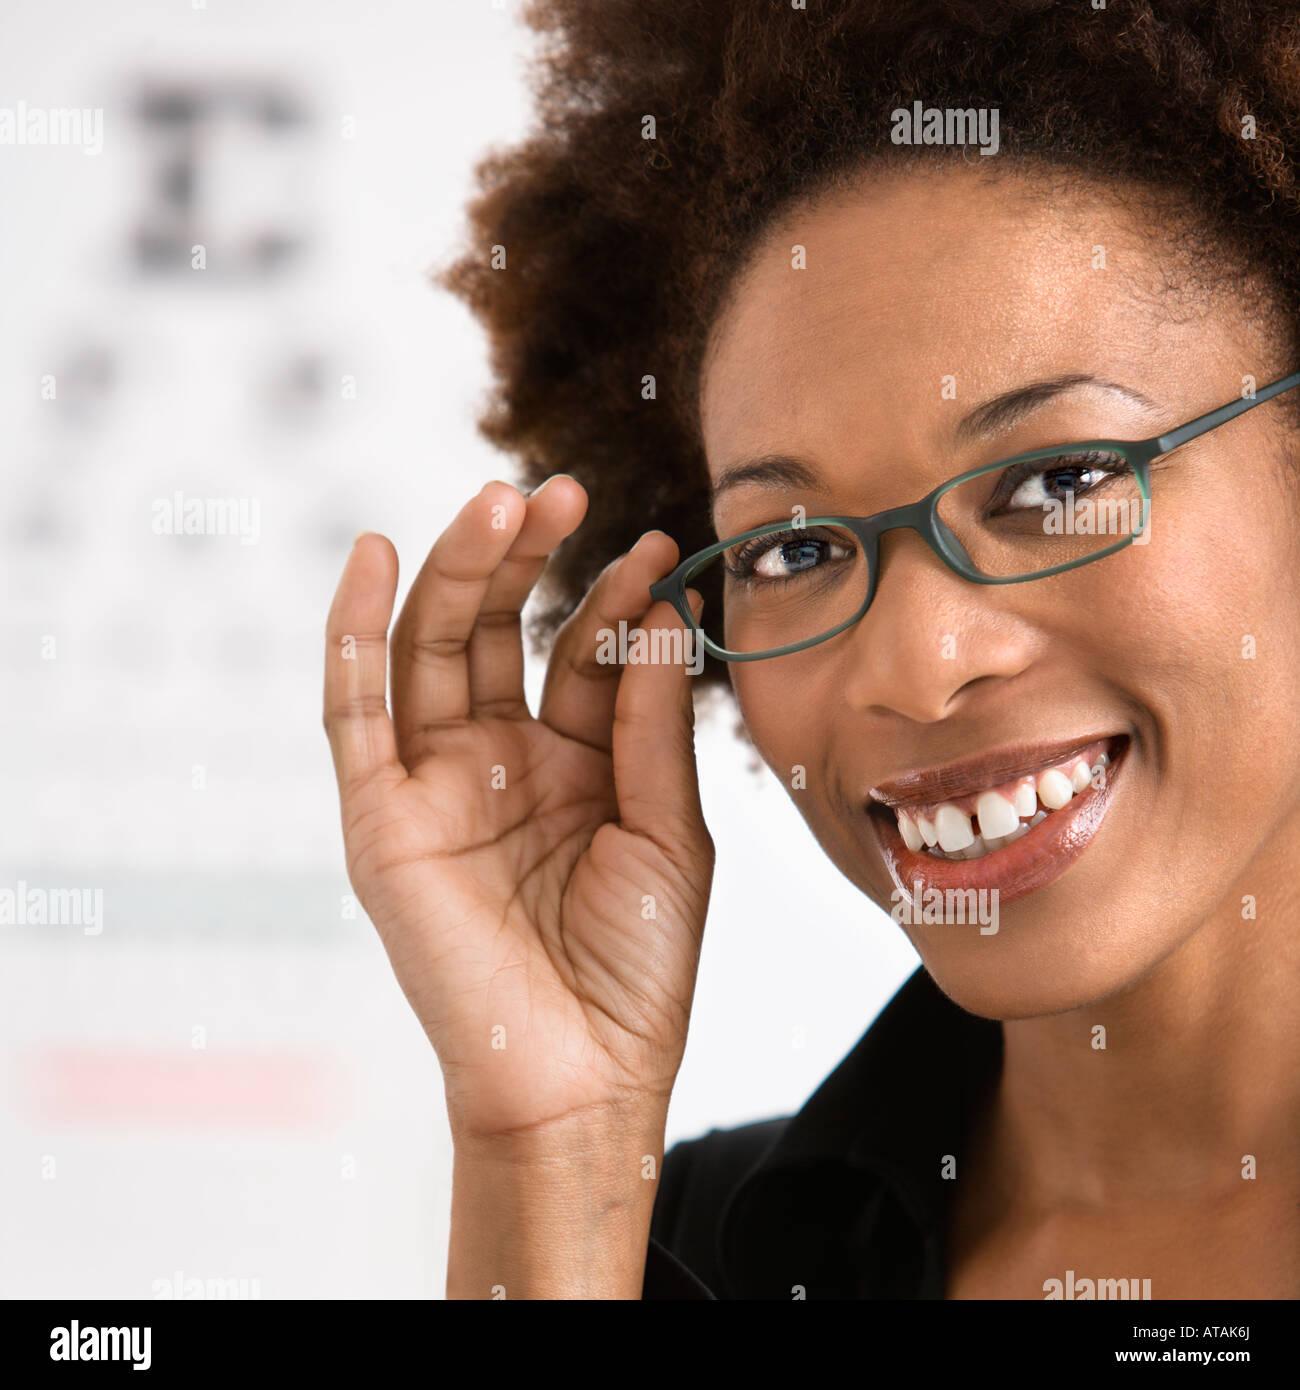 Porträt der Frau mit Afro tragen Brillen mit medizinischen Eyechart im Hintergrund Stockfoto